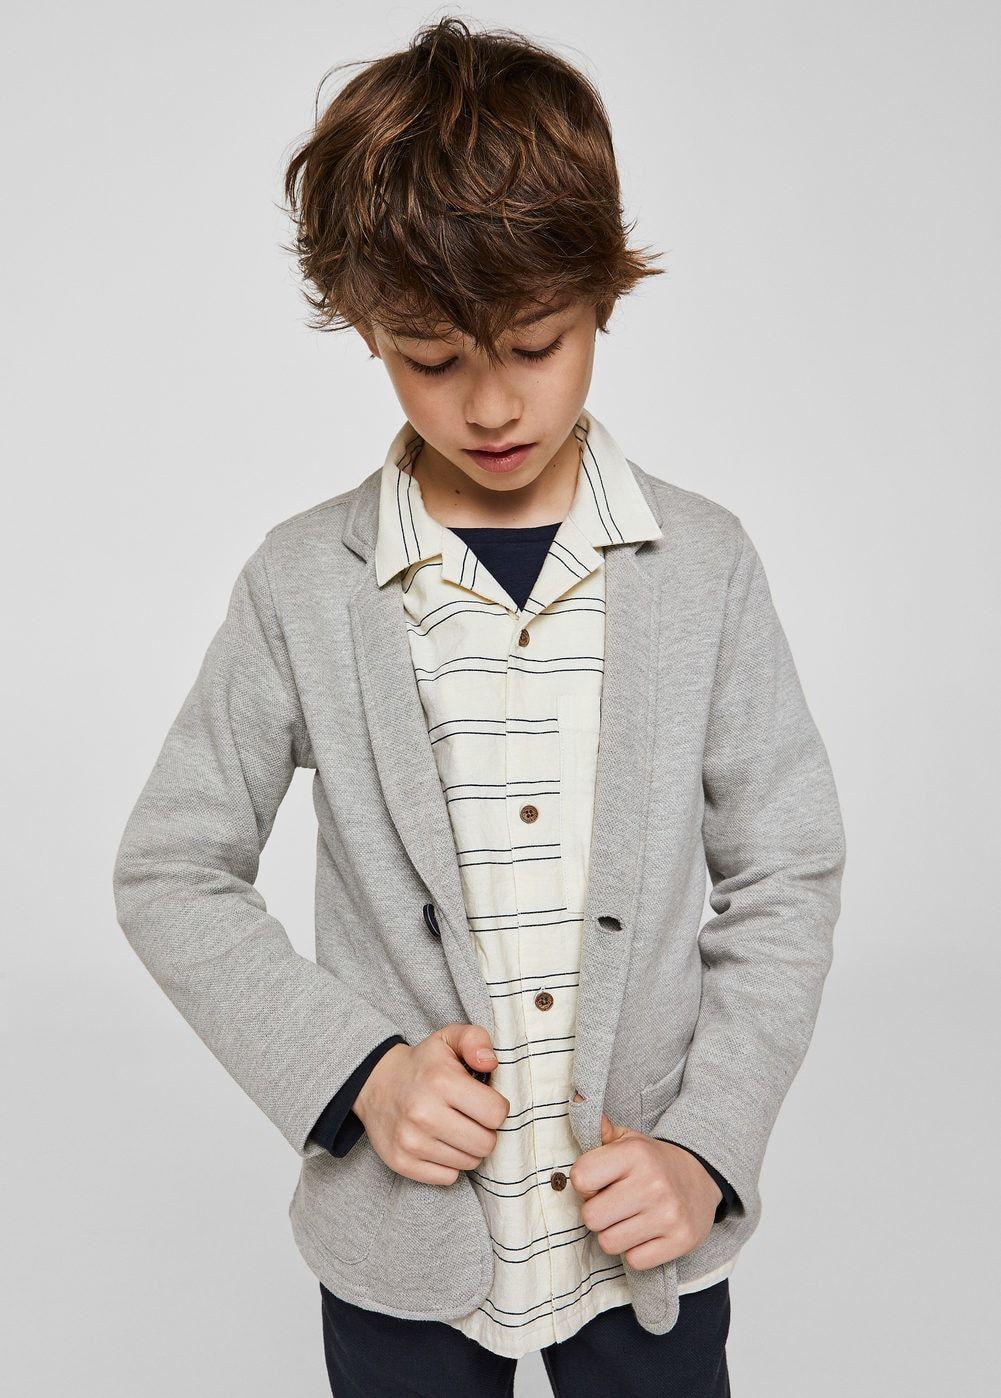 profesional mejor calificado última tecnología moda atractiva Americana algodón textura - Niño | Moda niños | Fashion kids ...